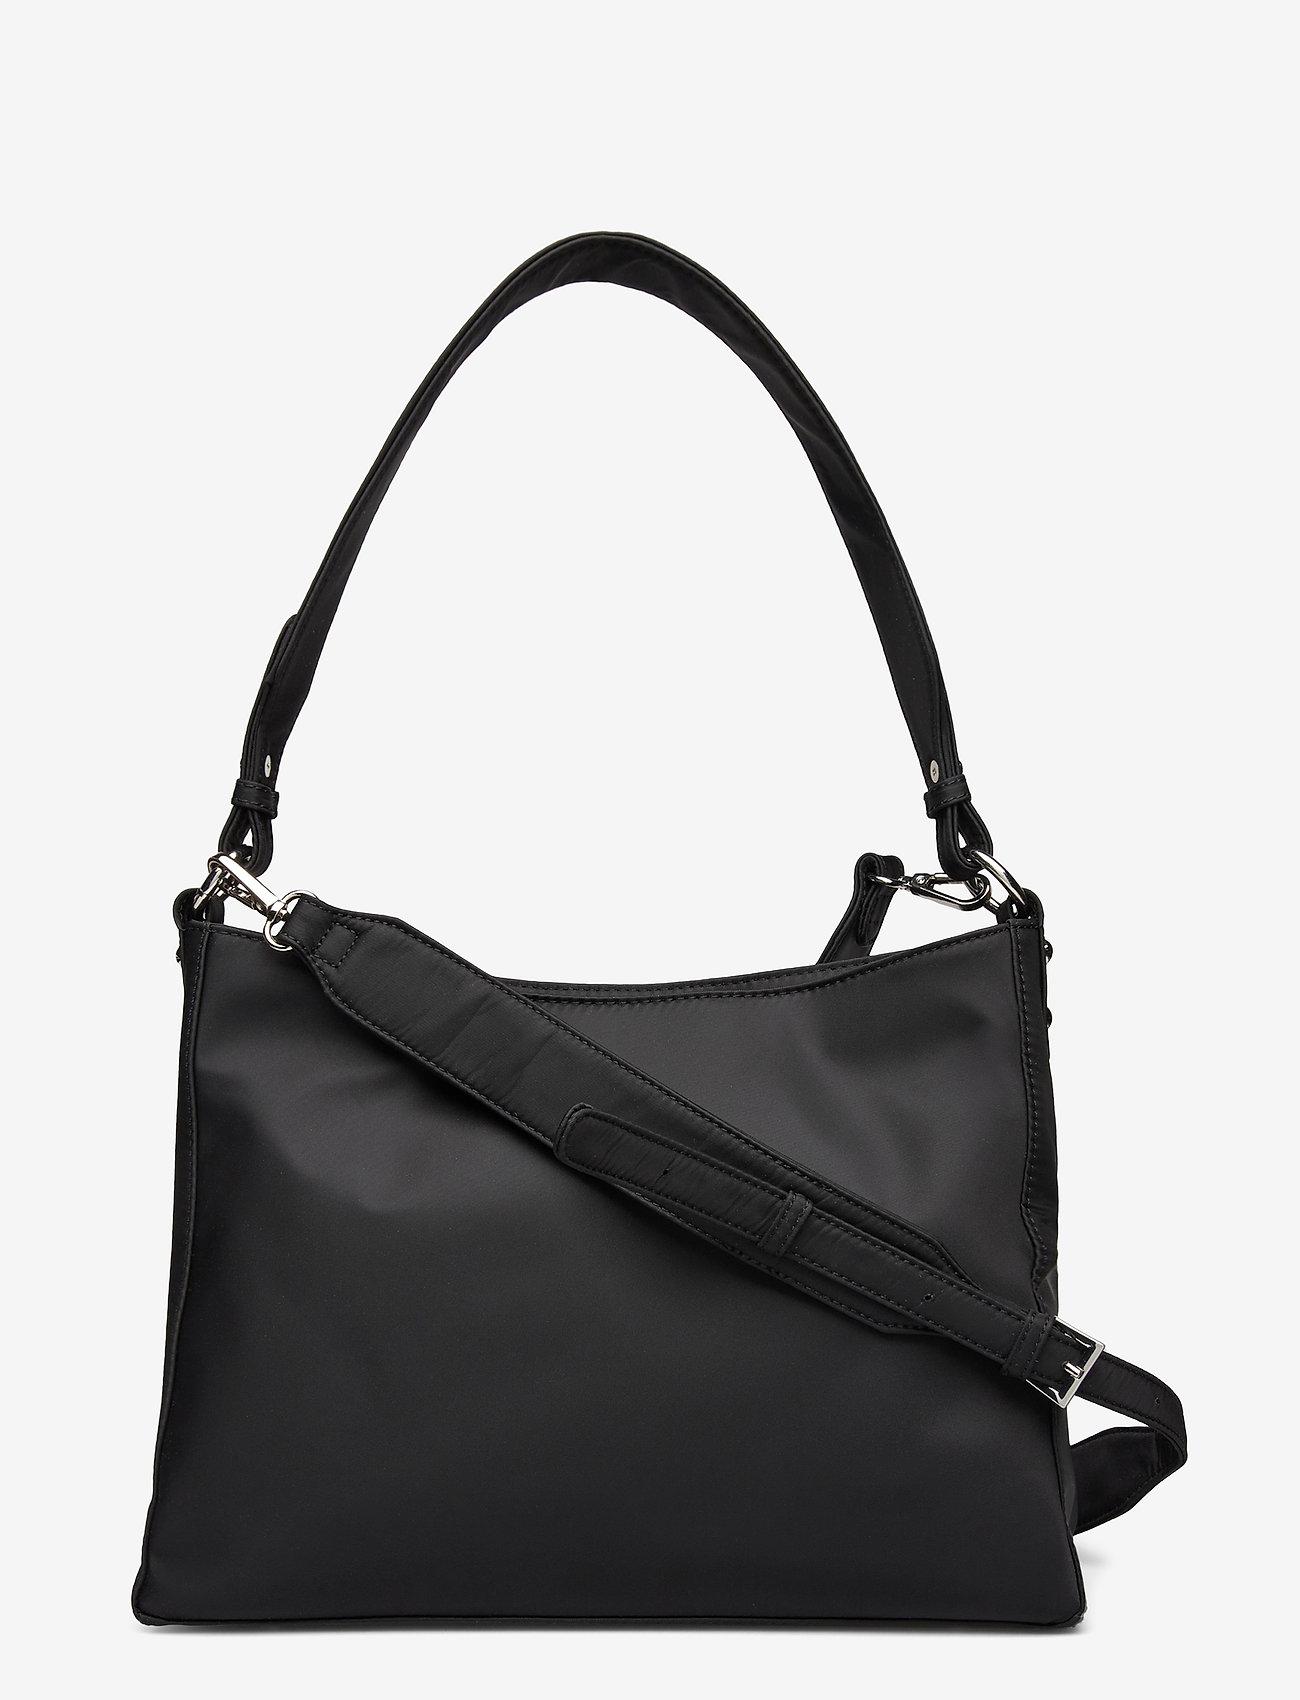 HVISK - AMBLE NYLON RECYCLED - shoulder bags - black - 0